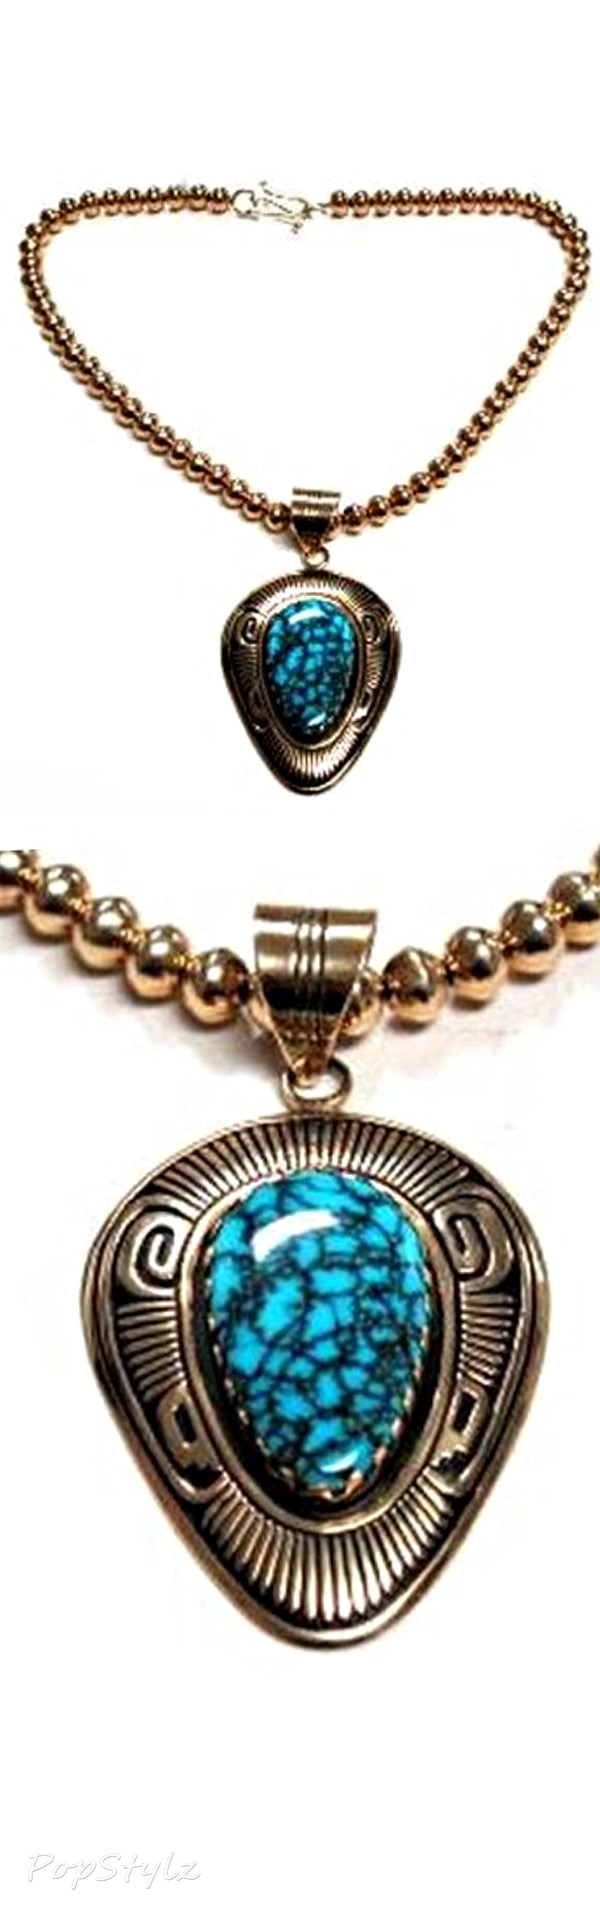 Steven J Begay, Number 8 Turquoise Gold Necklace